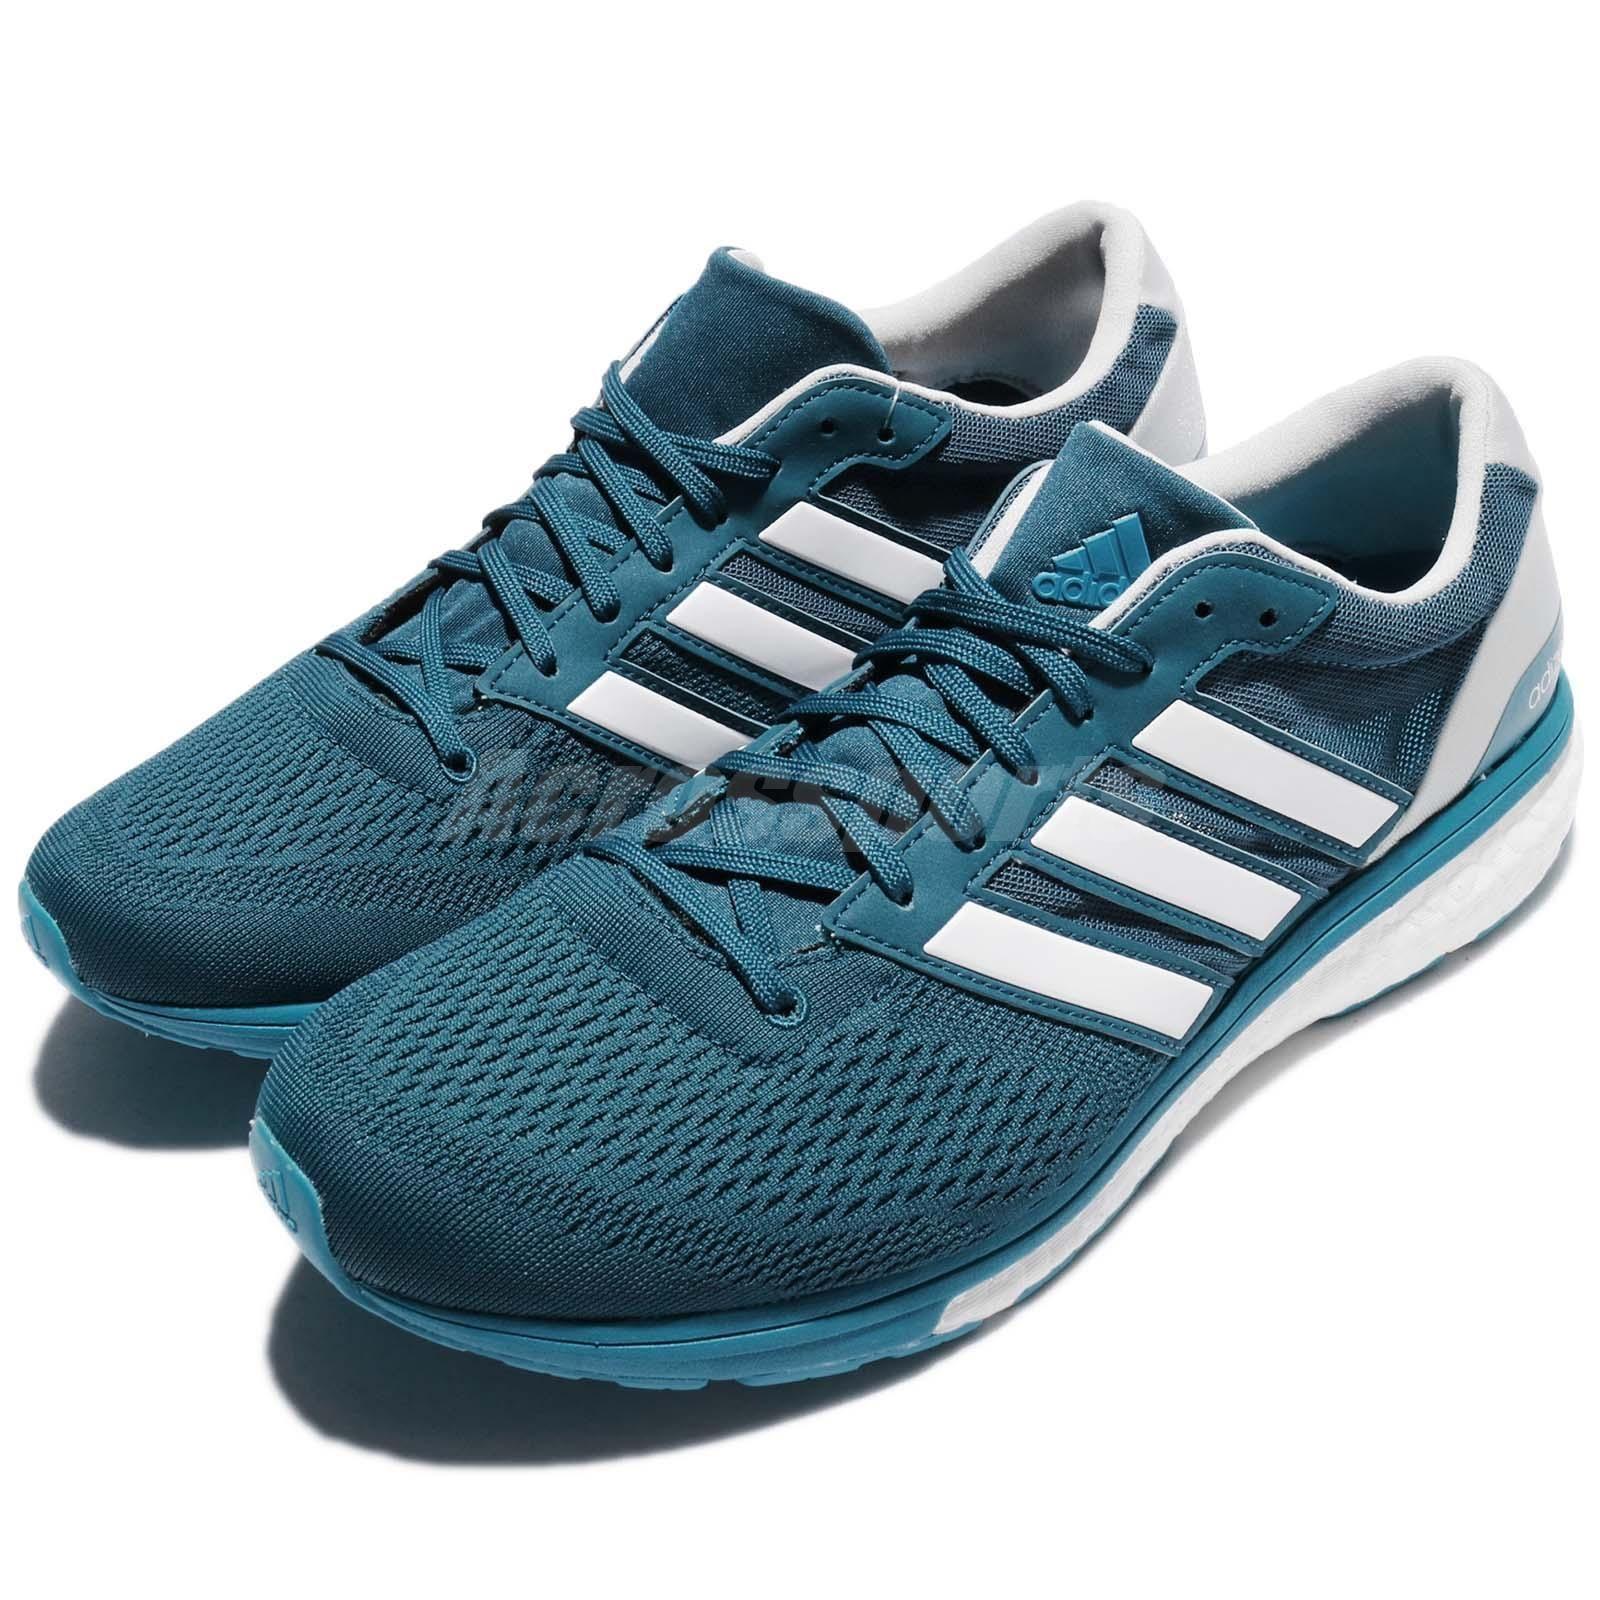 adidas Adizero Boston 6 M Omori BOOST Blue White Men Running Shoe Sneaker  CG3047 08f5e421d1ece